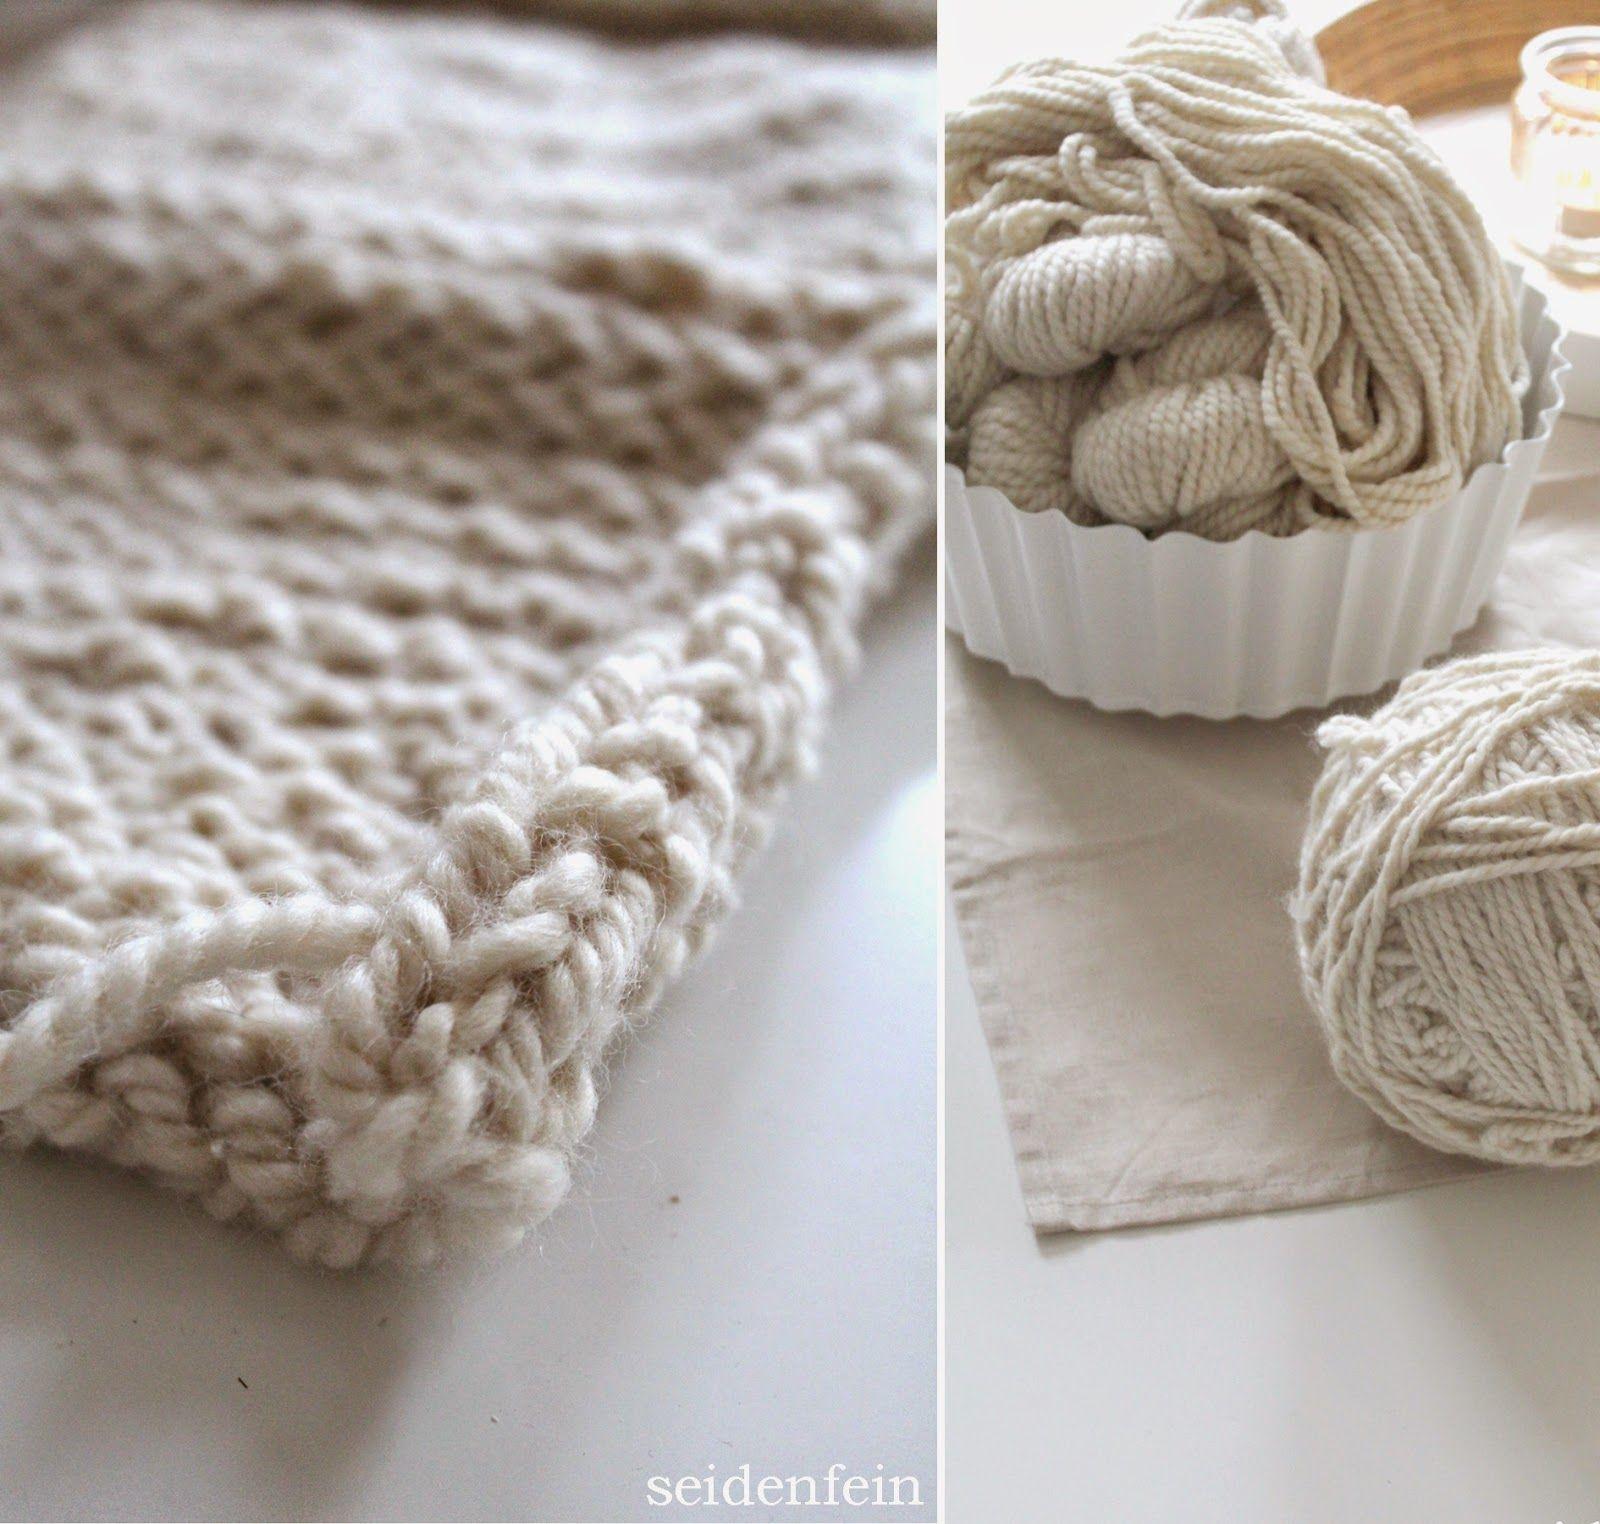 seidenfeins Dekoblog : Maschenprobe Strickdecke * mesh test : knitted blanket